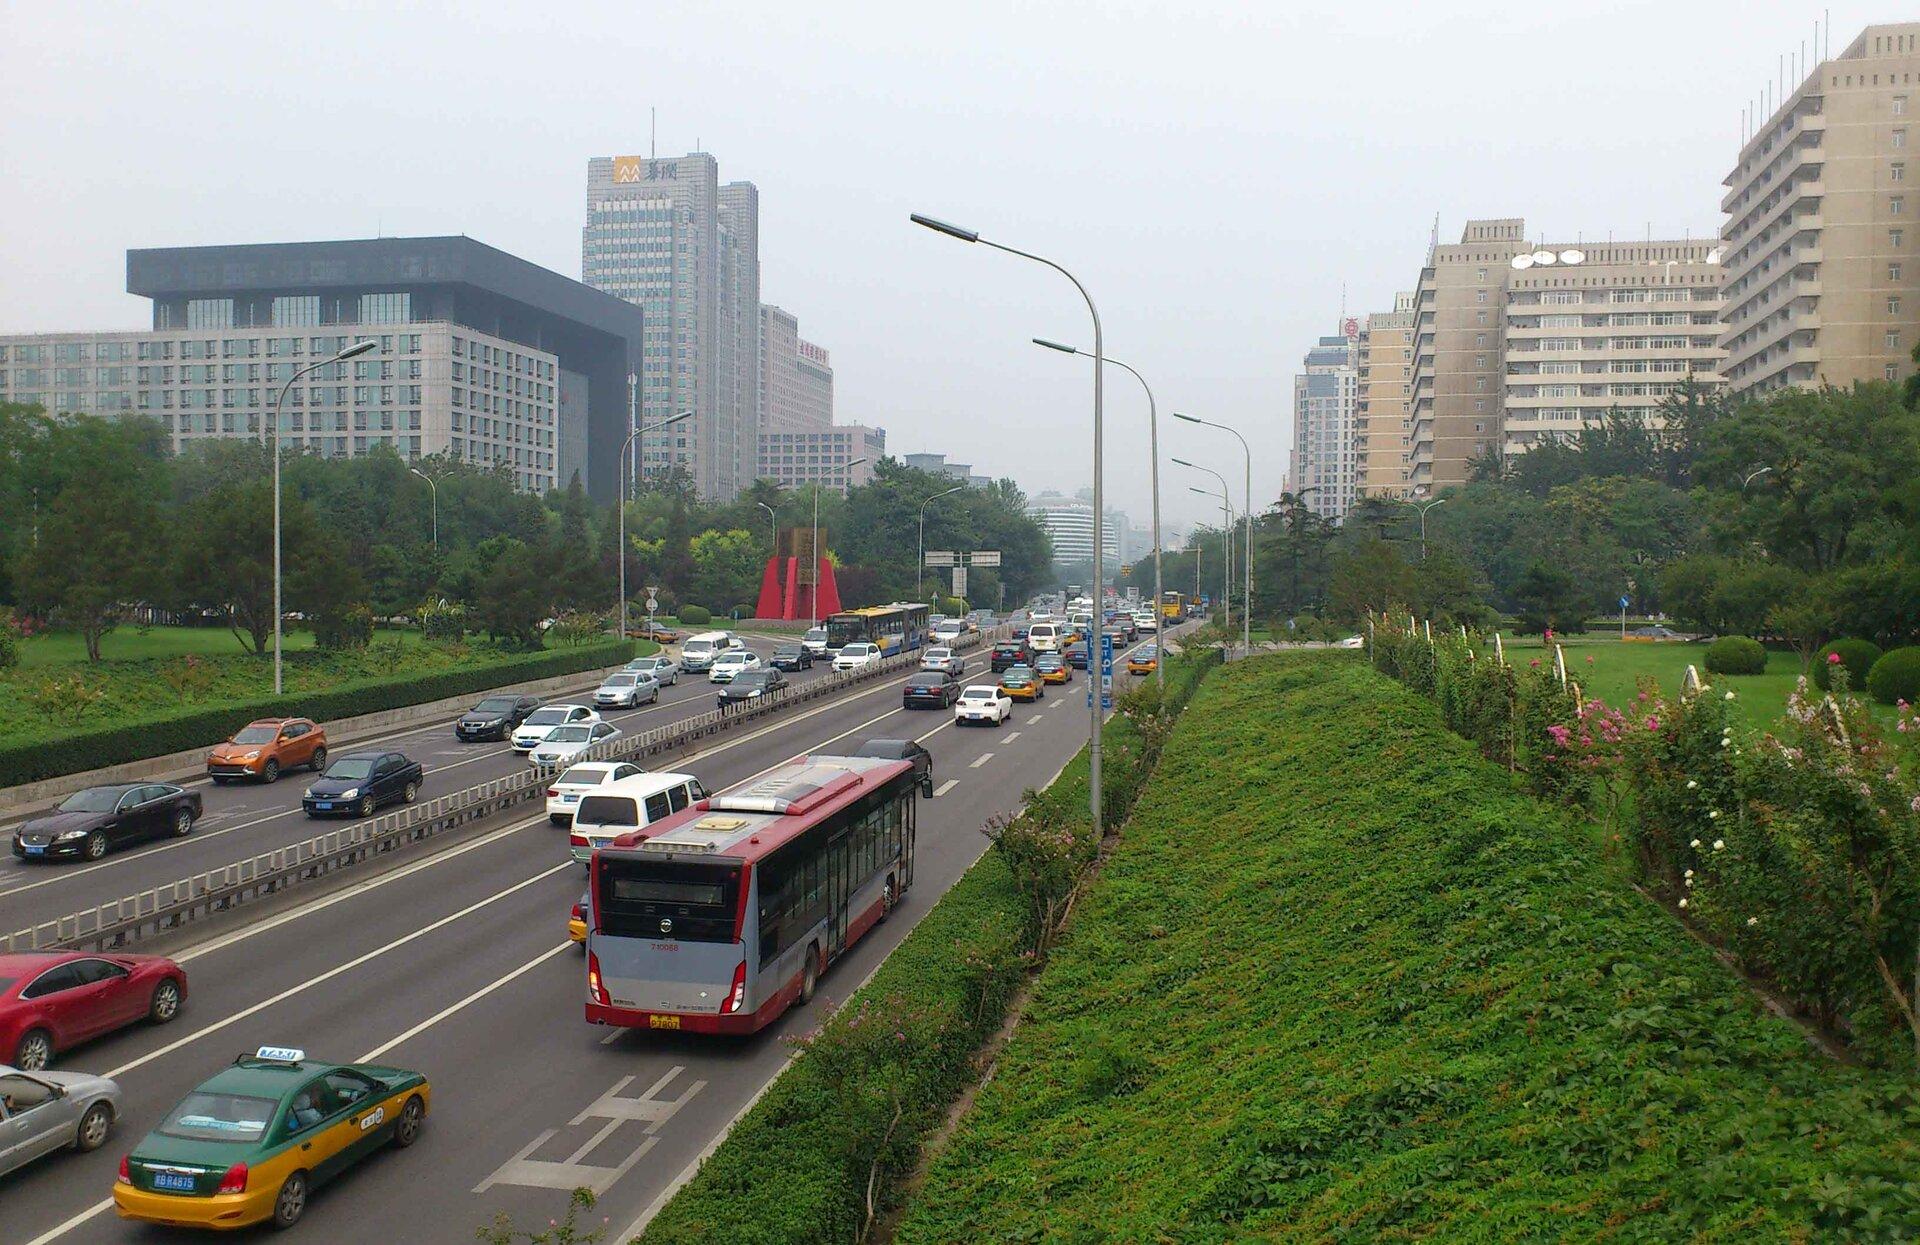 Na zdjęciu wielkiego miasta, szerokie wielopasmowe ulice, wysokie budynki. Dużo zieleni.